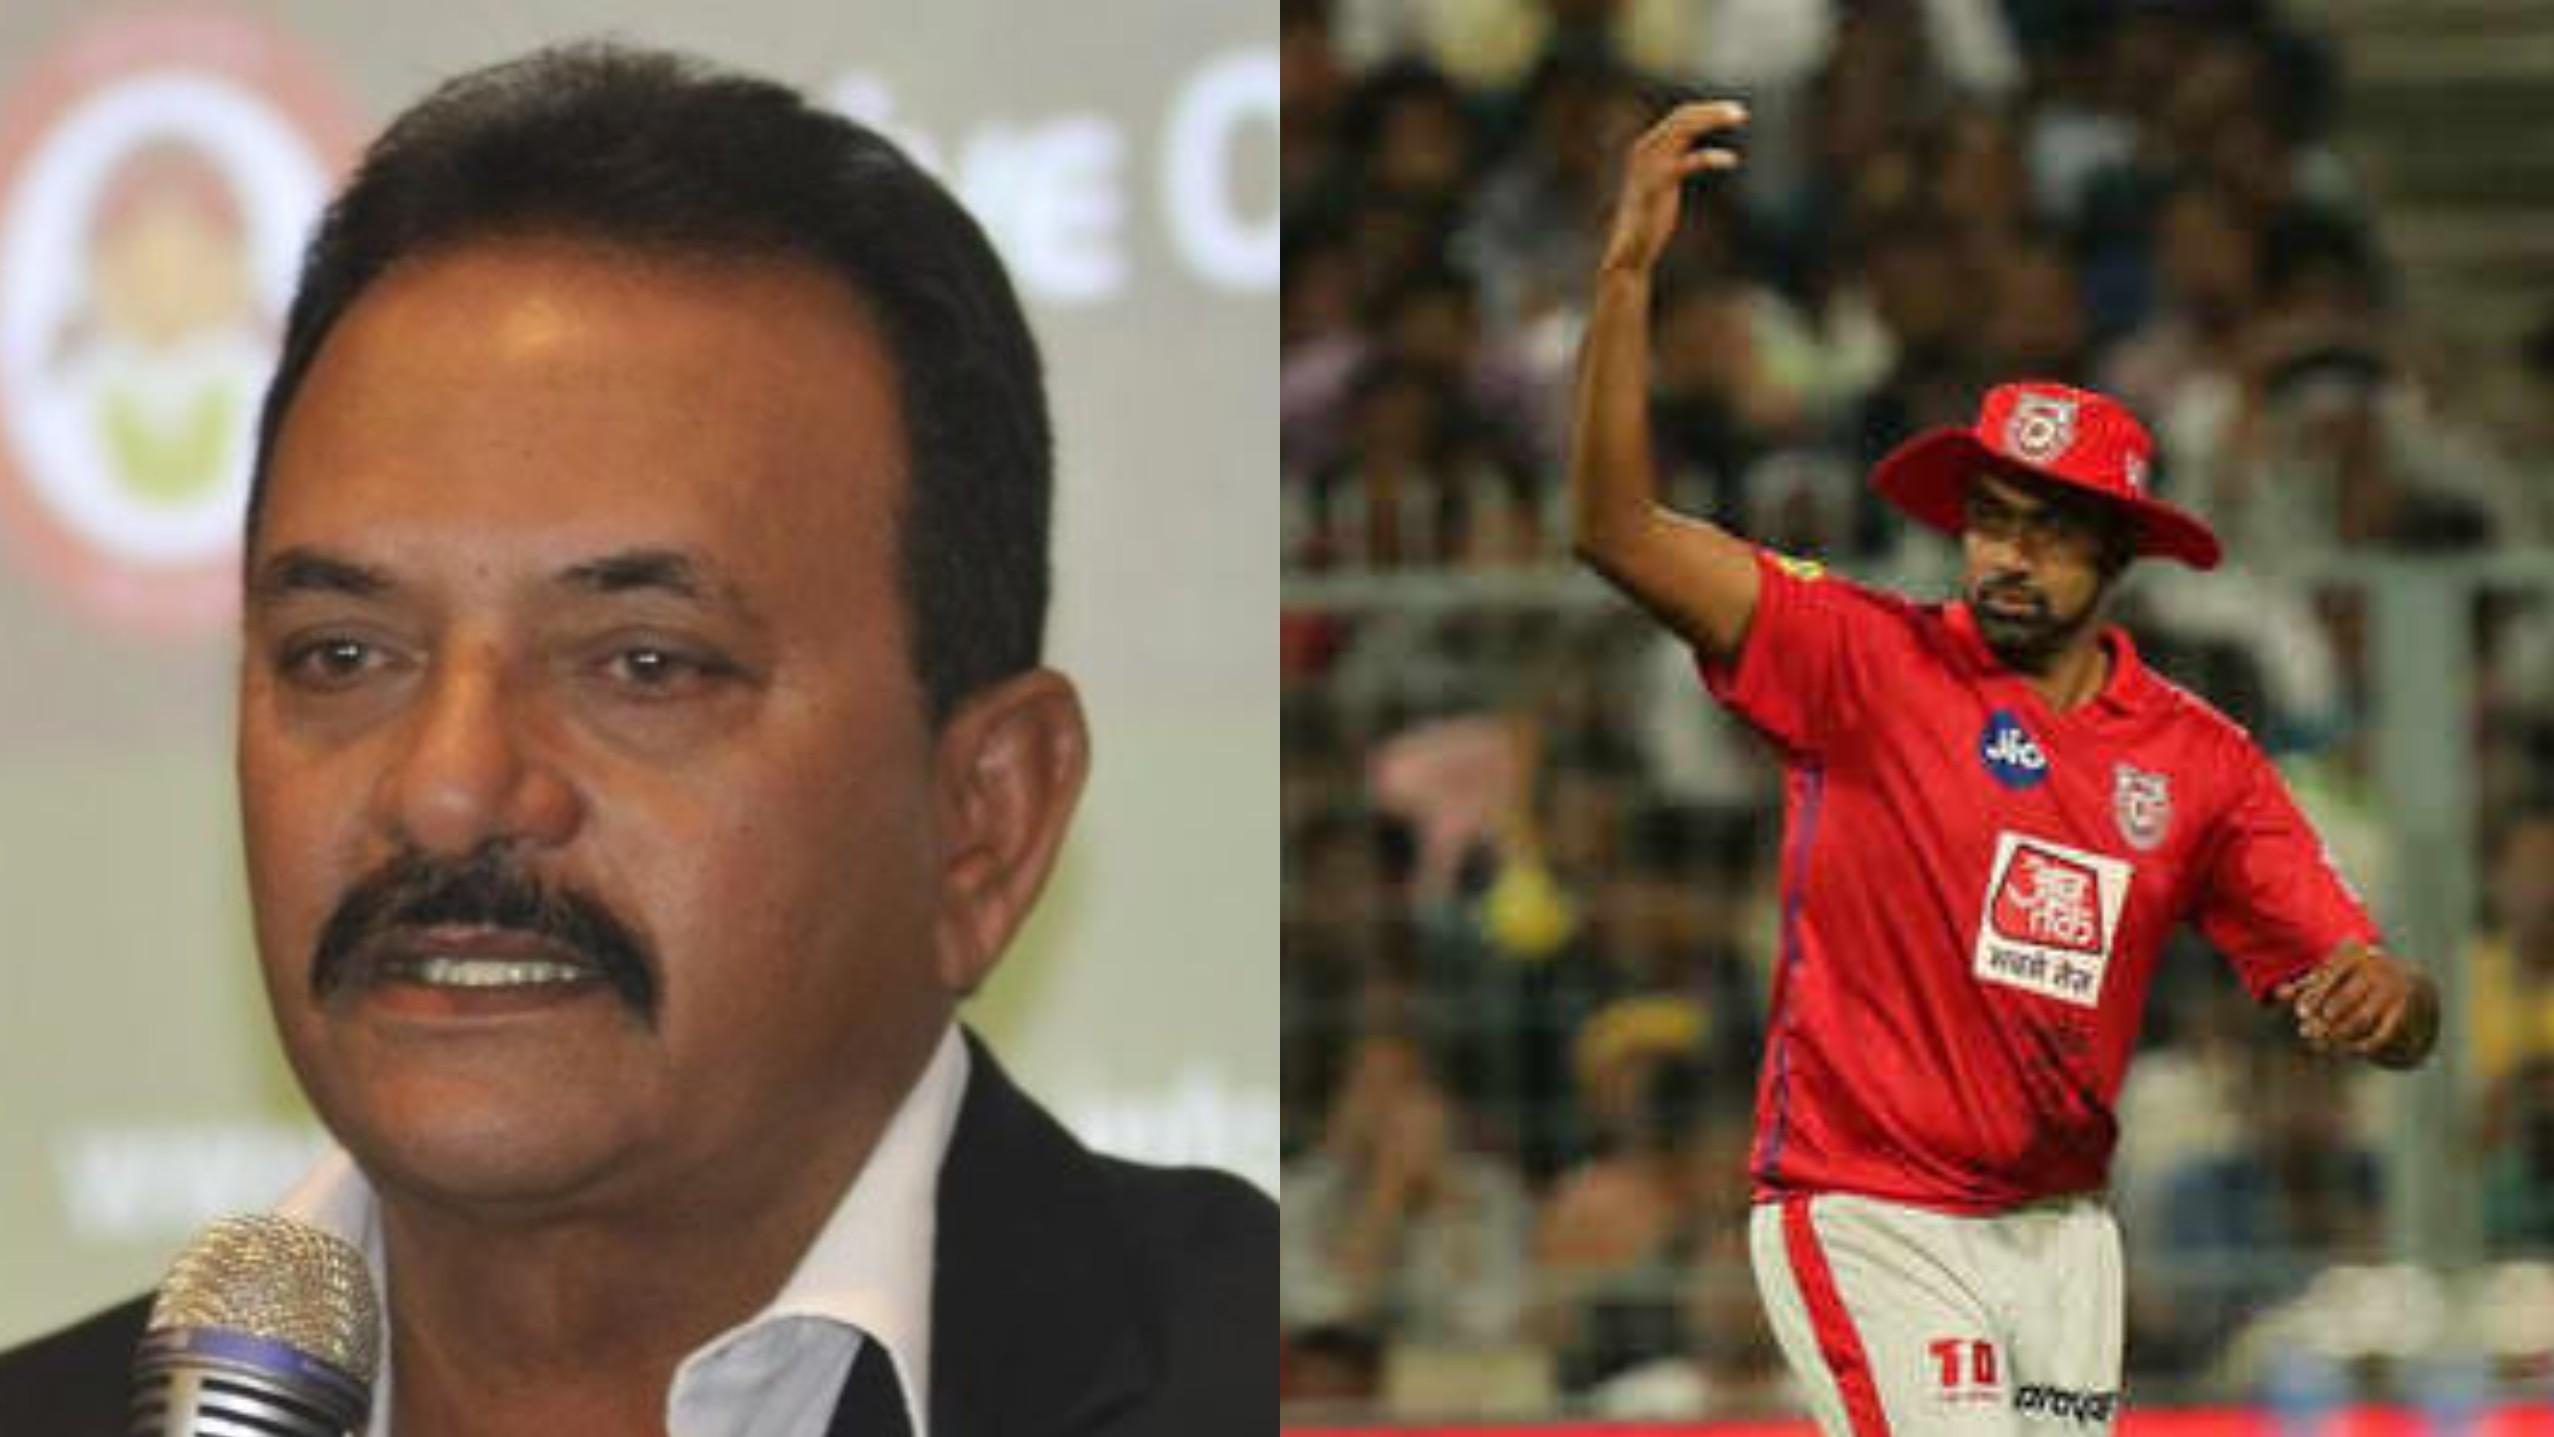 IPL 2019 : मदन लाल के अनुसार रविचंद्रन अश्विन को जोस बटलर को 'मांकड़' आउट नहीं करना चाहिए था